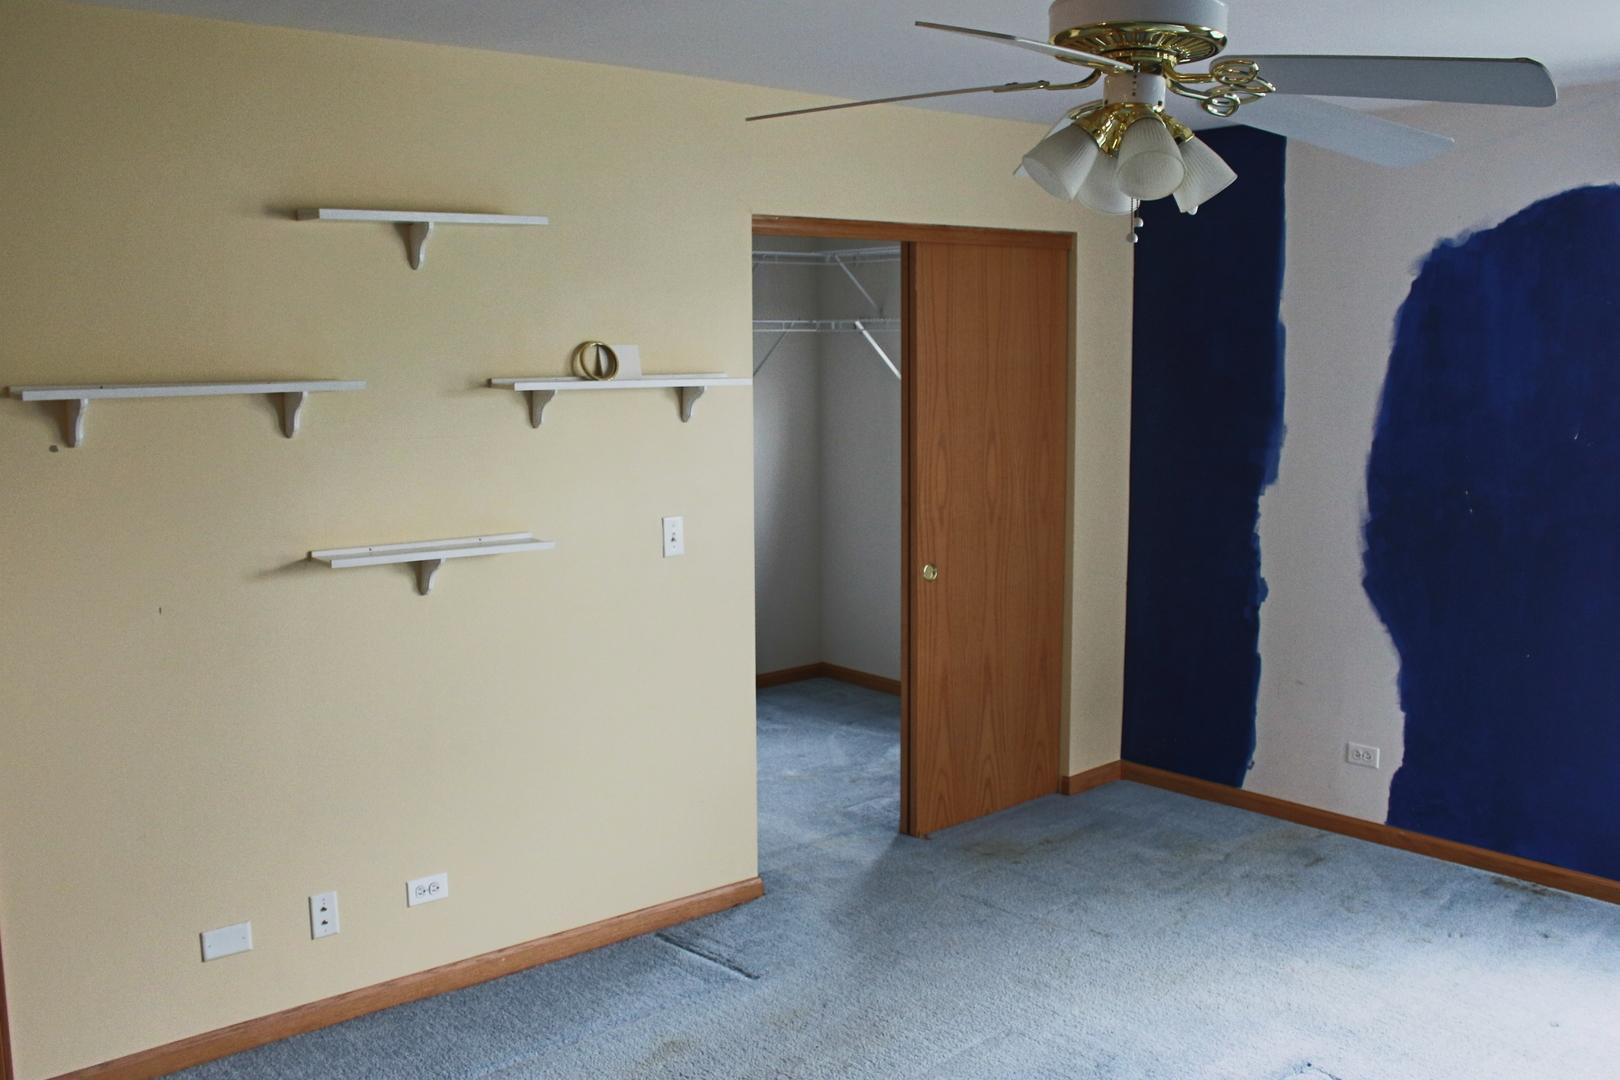 2398 Reflections, AURORA, Illinois, 60502